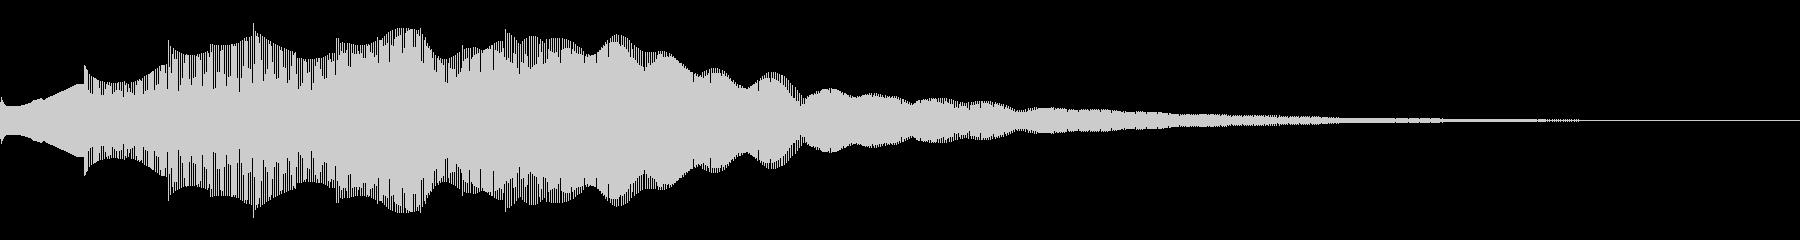 マレット系サウンドロゴ、ジングルの未再生の波形